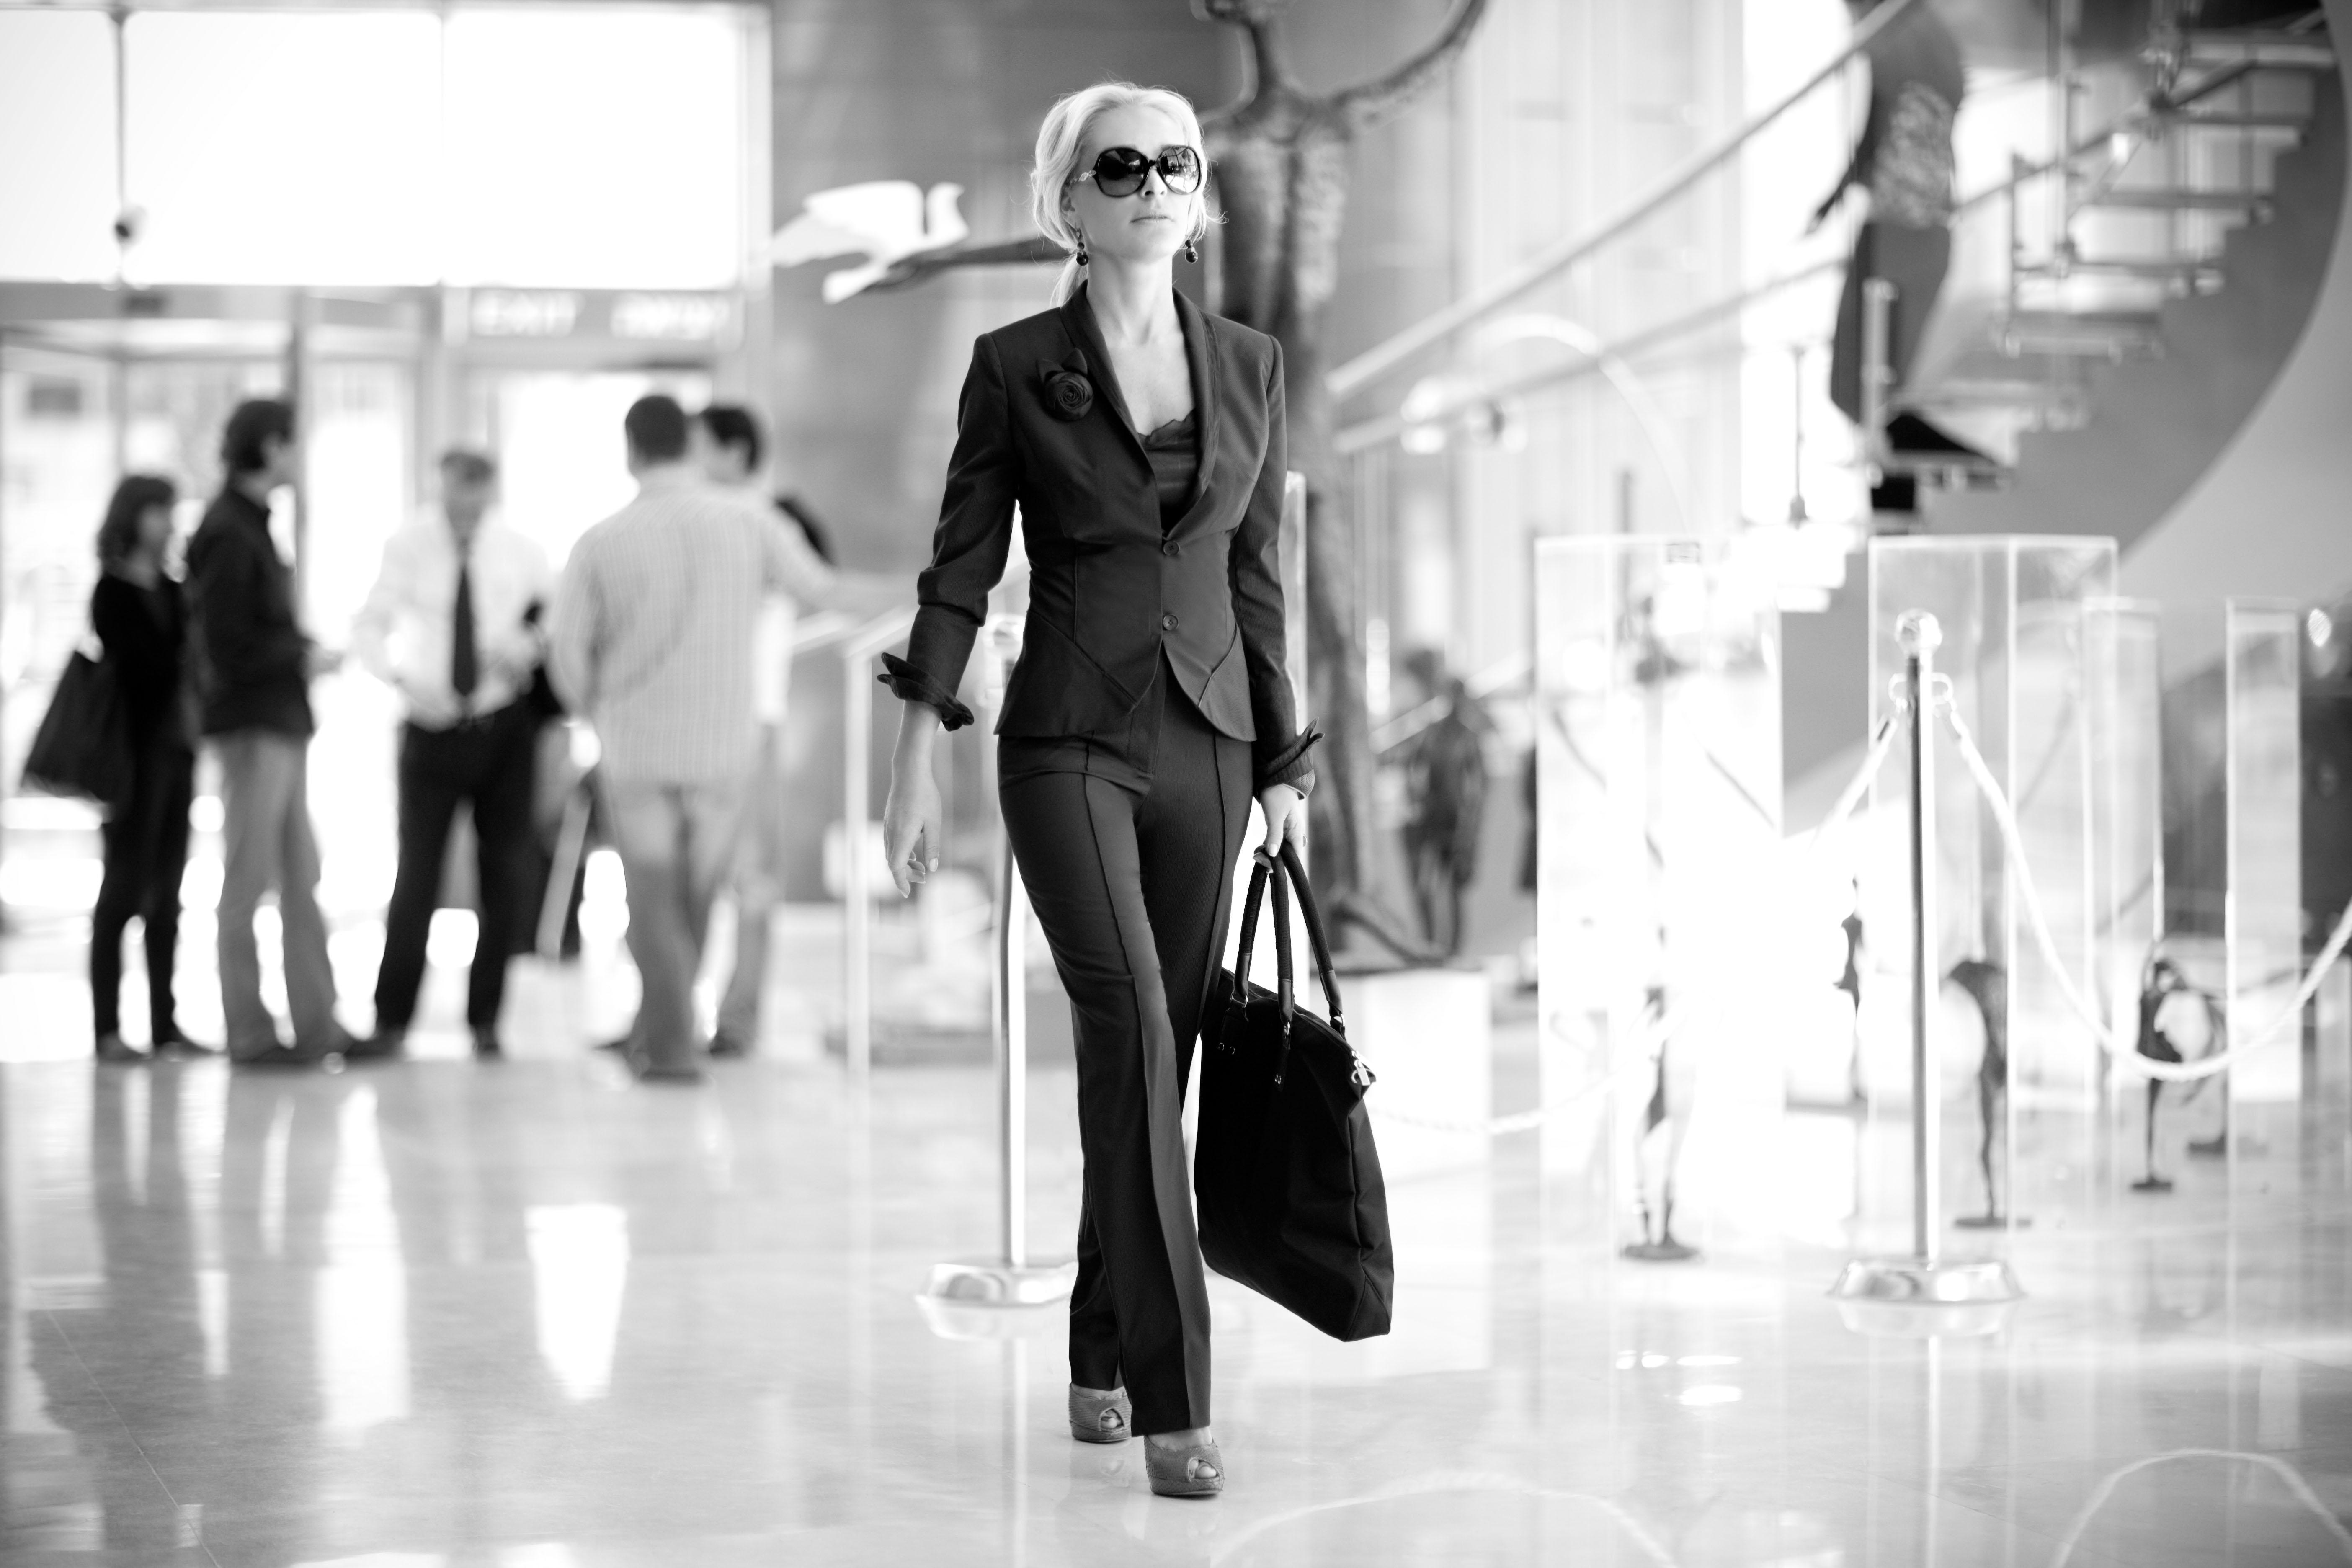 Деловая одежда: 6 секретов успеха в бизнесе